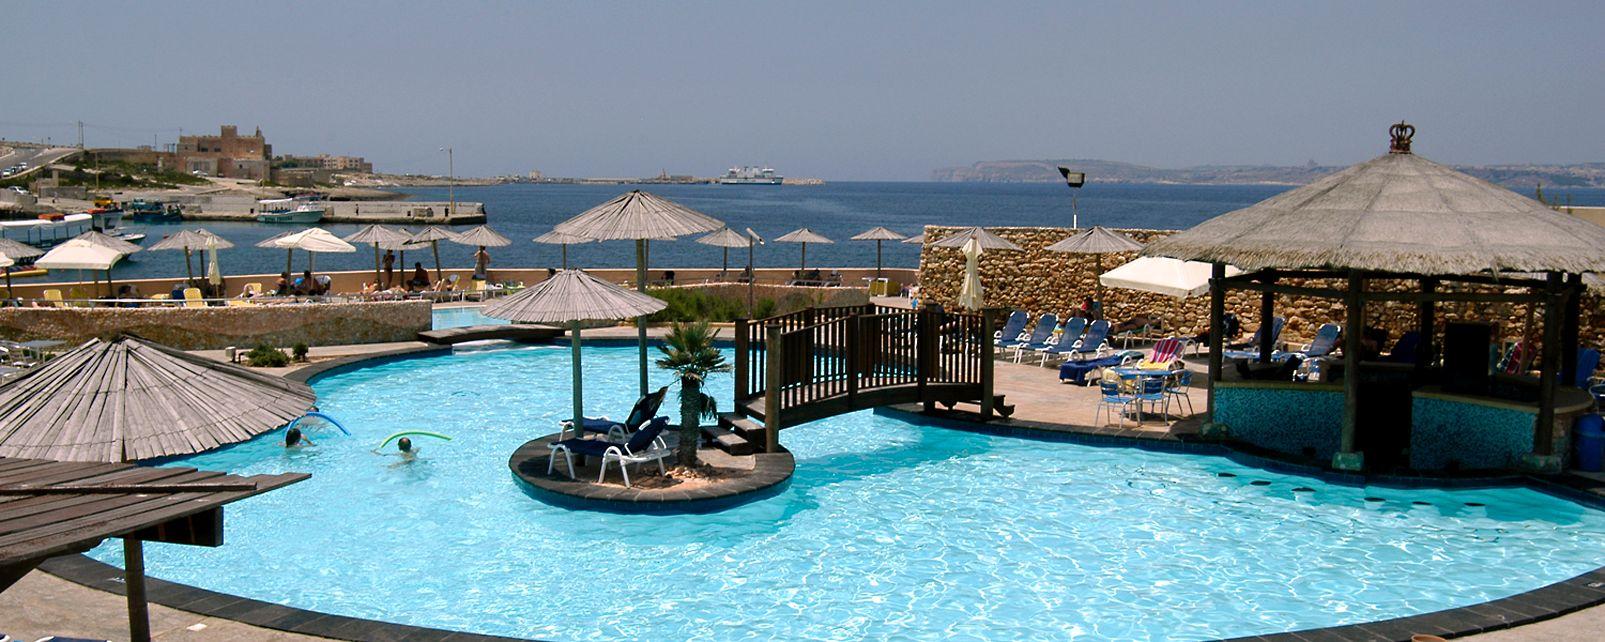 Hotel Ramla Bay Resort, Mellieha, Malta